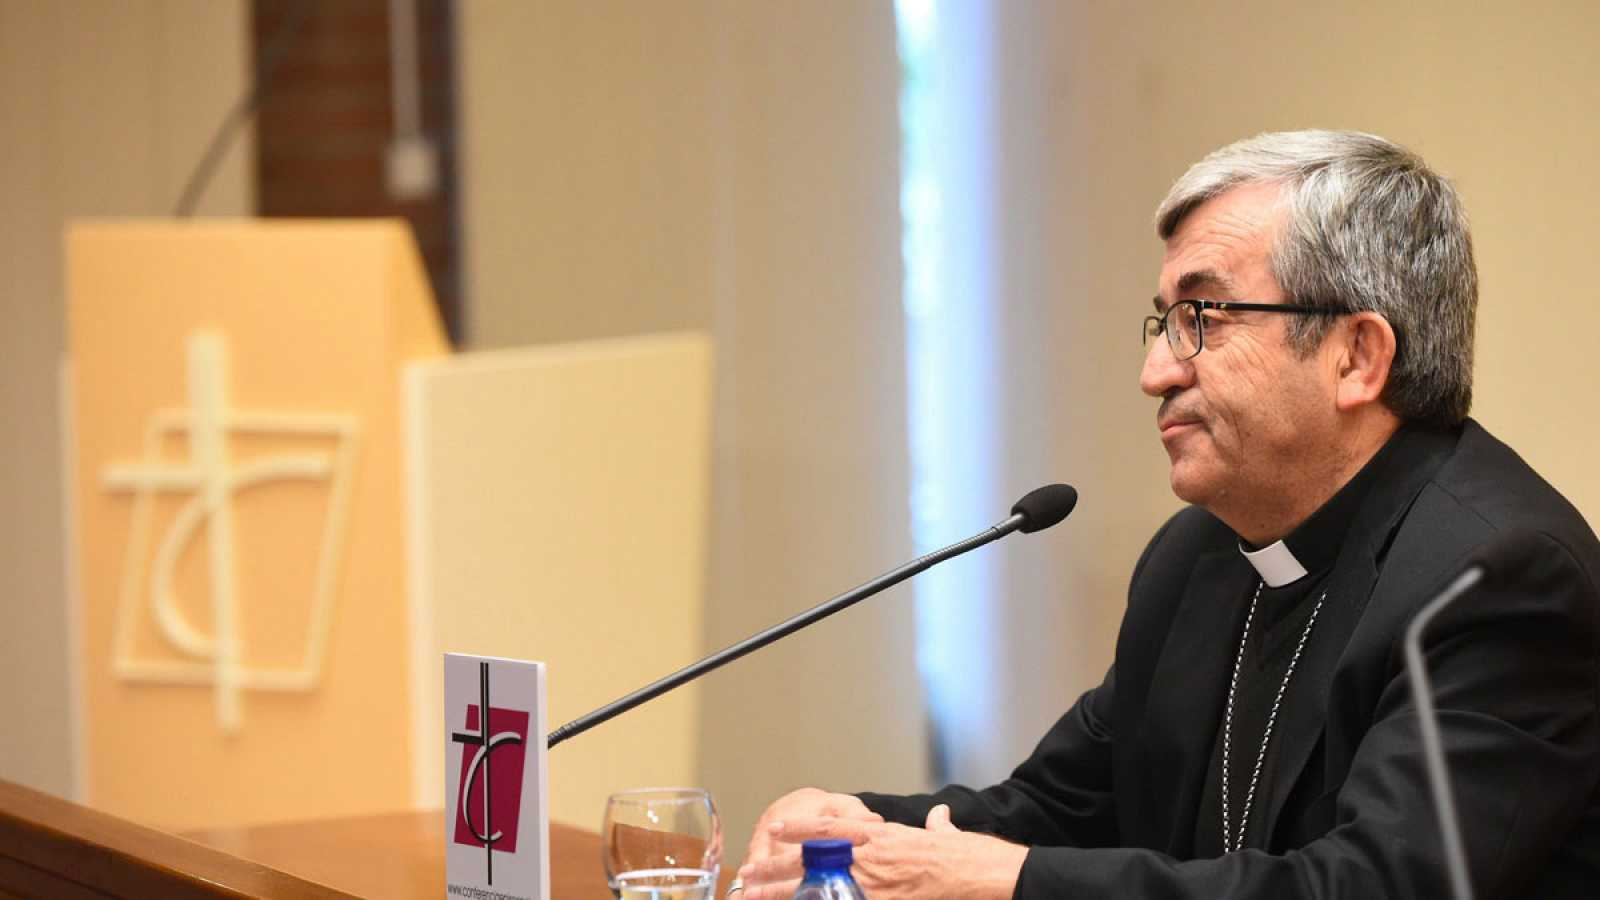 Los obispos españoles no indemnizarán a las víctimas de abusos